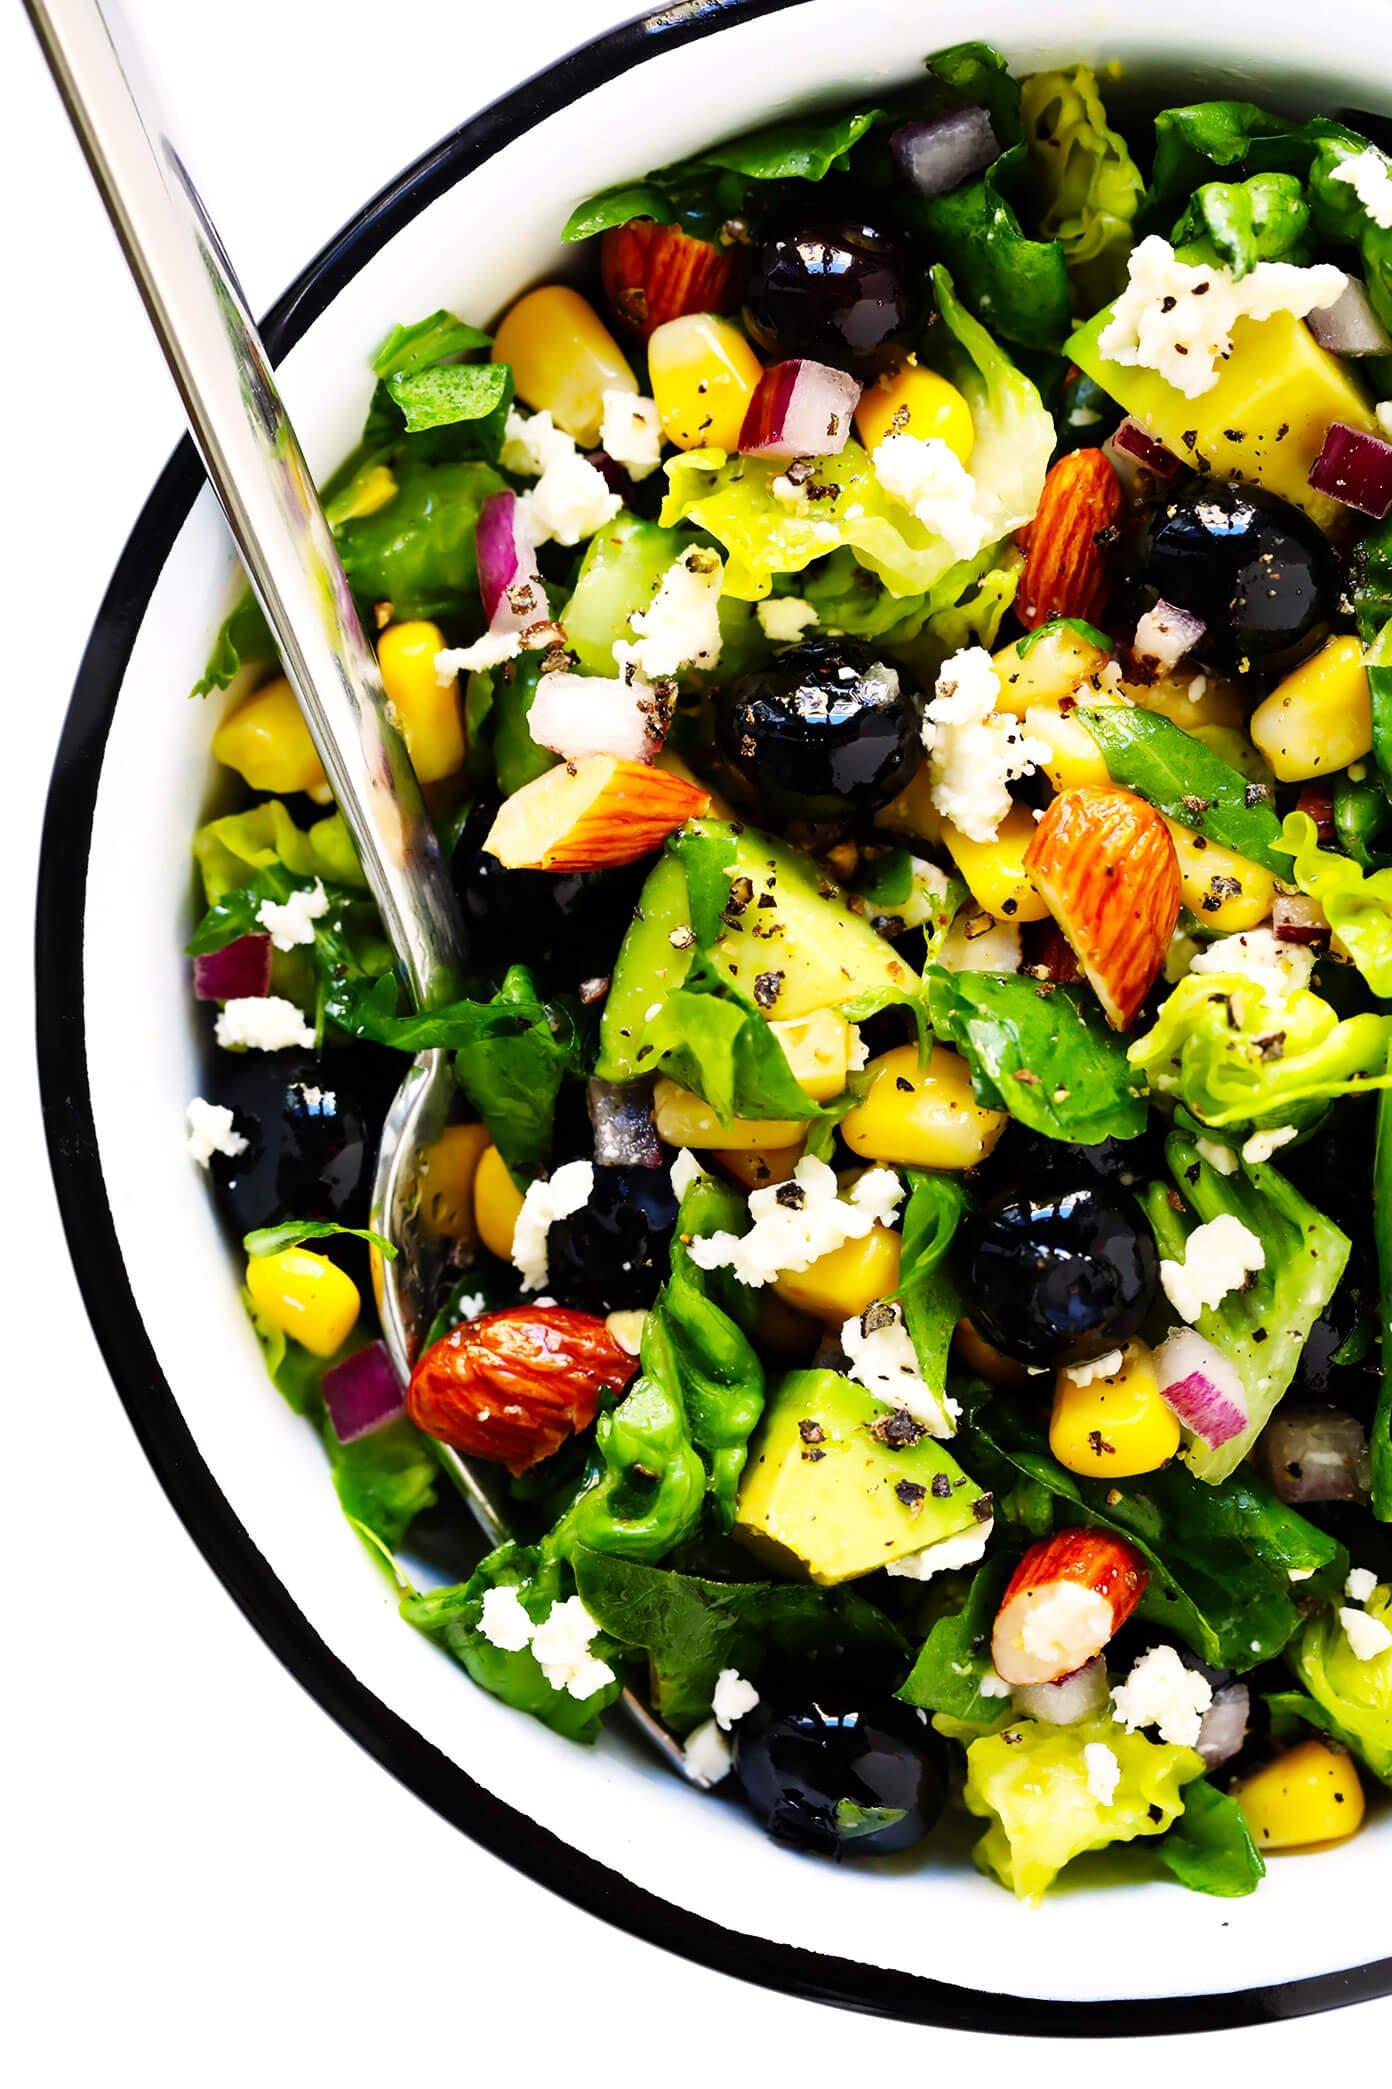 Servindo tigela de milho, abacate e salada de mirtilo